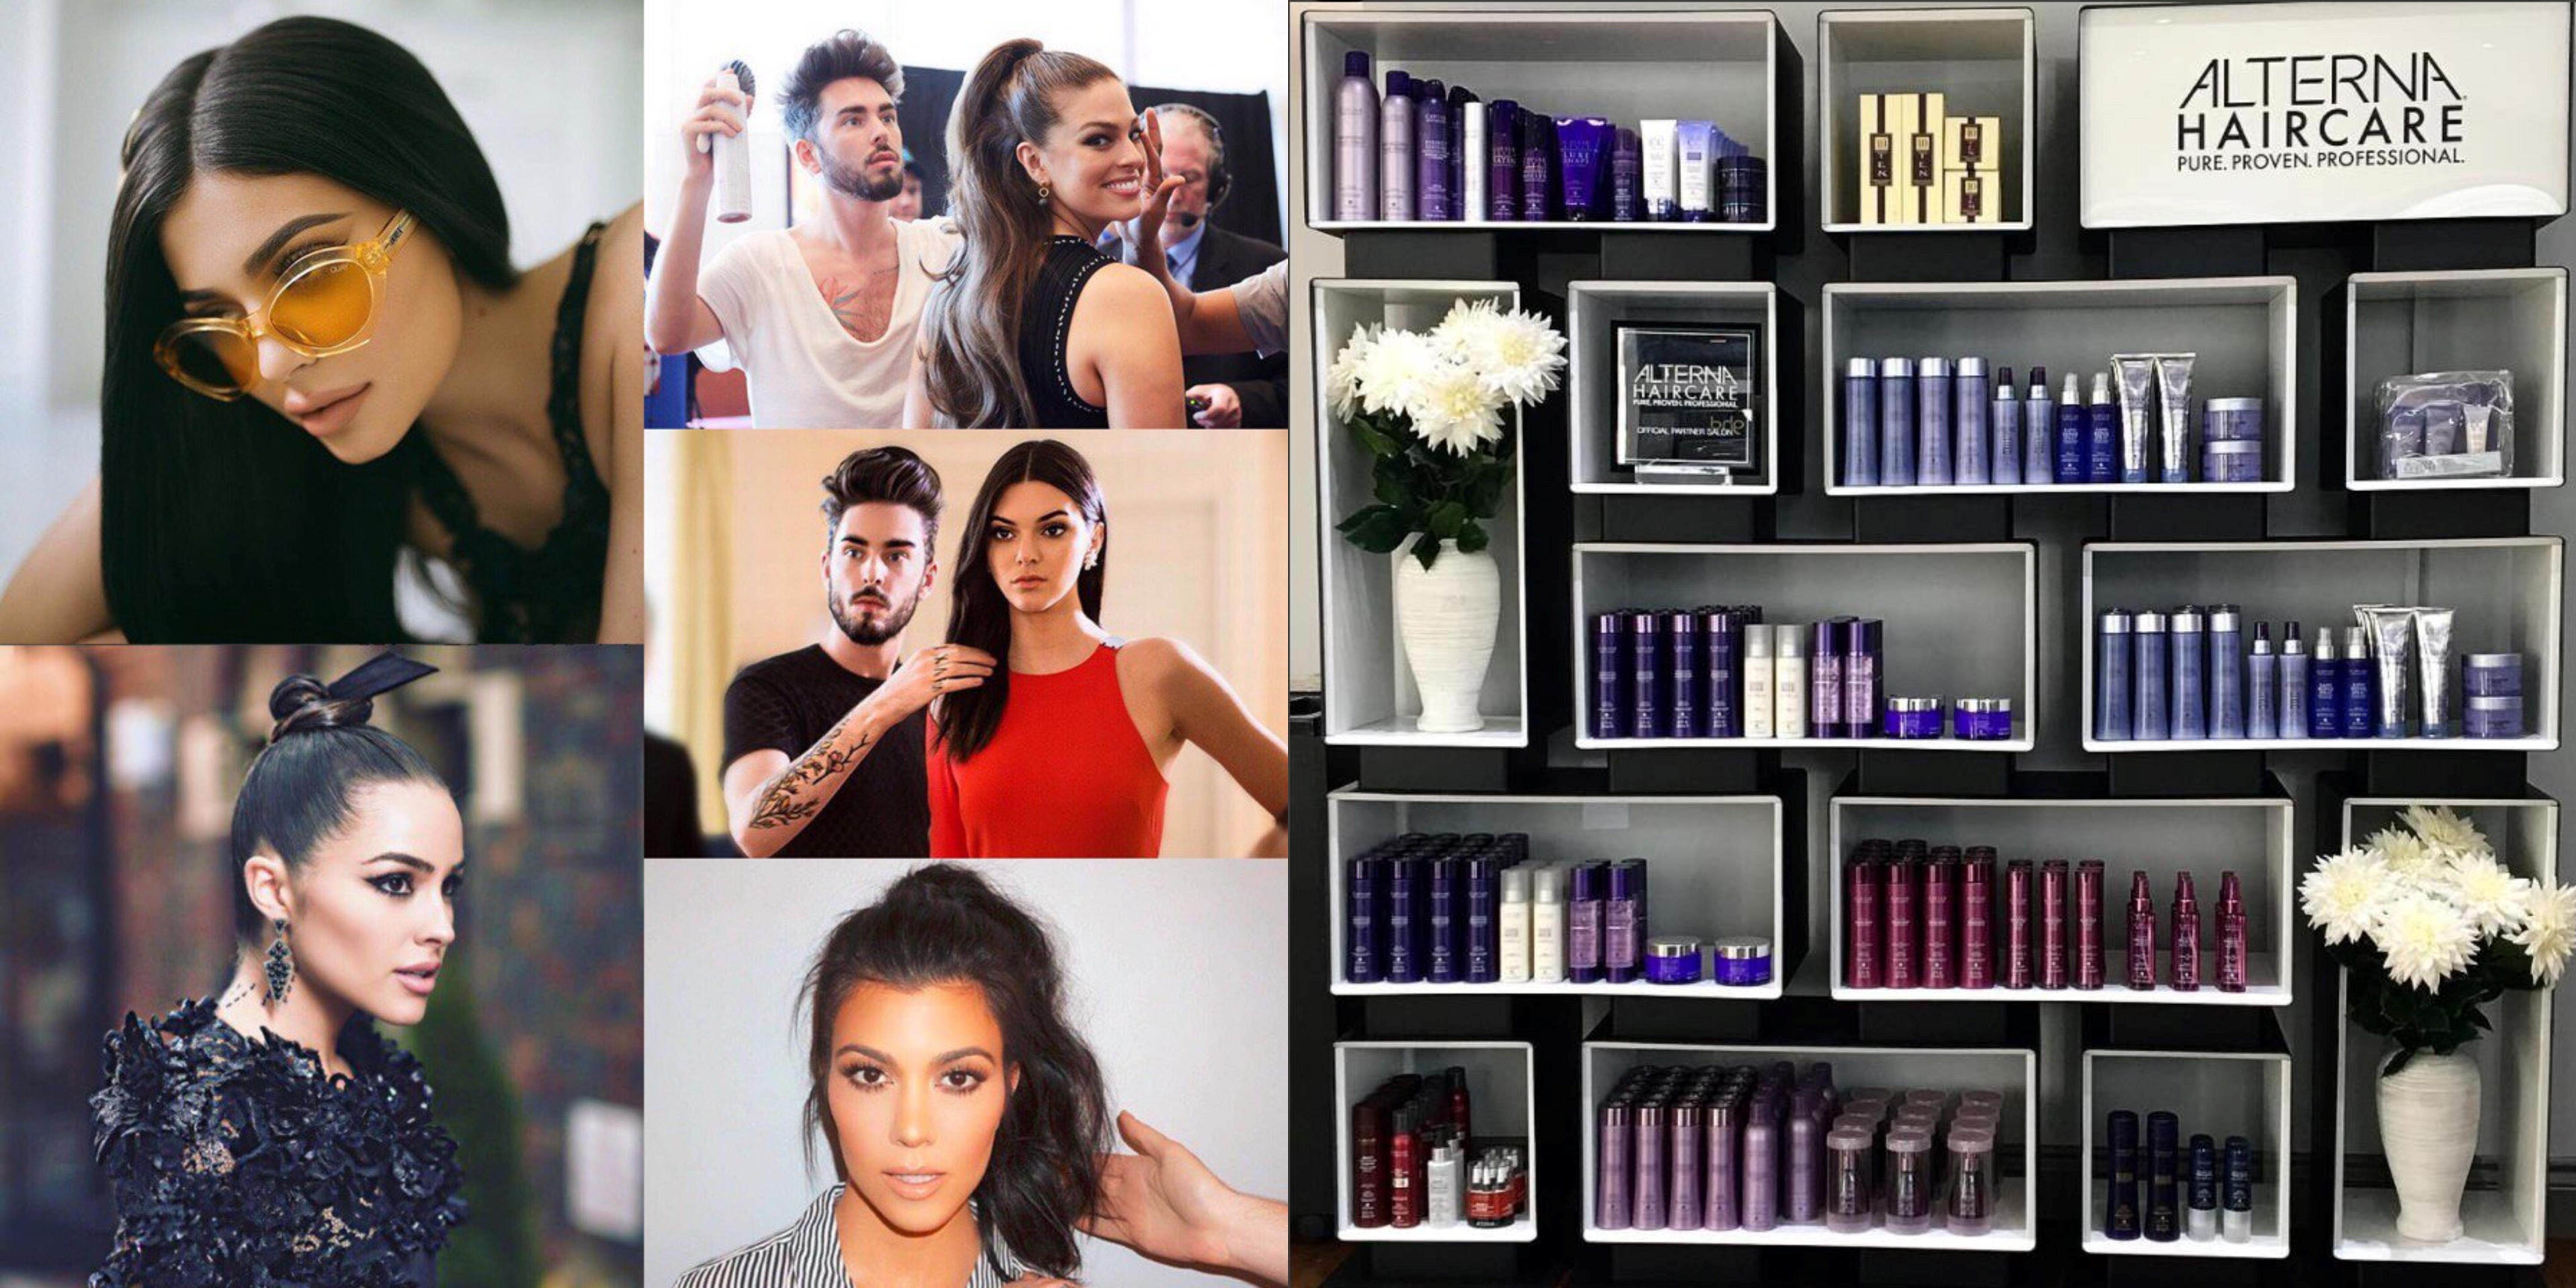 Salony Alterna Hair Care - Salononline 153a62deab5